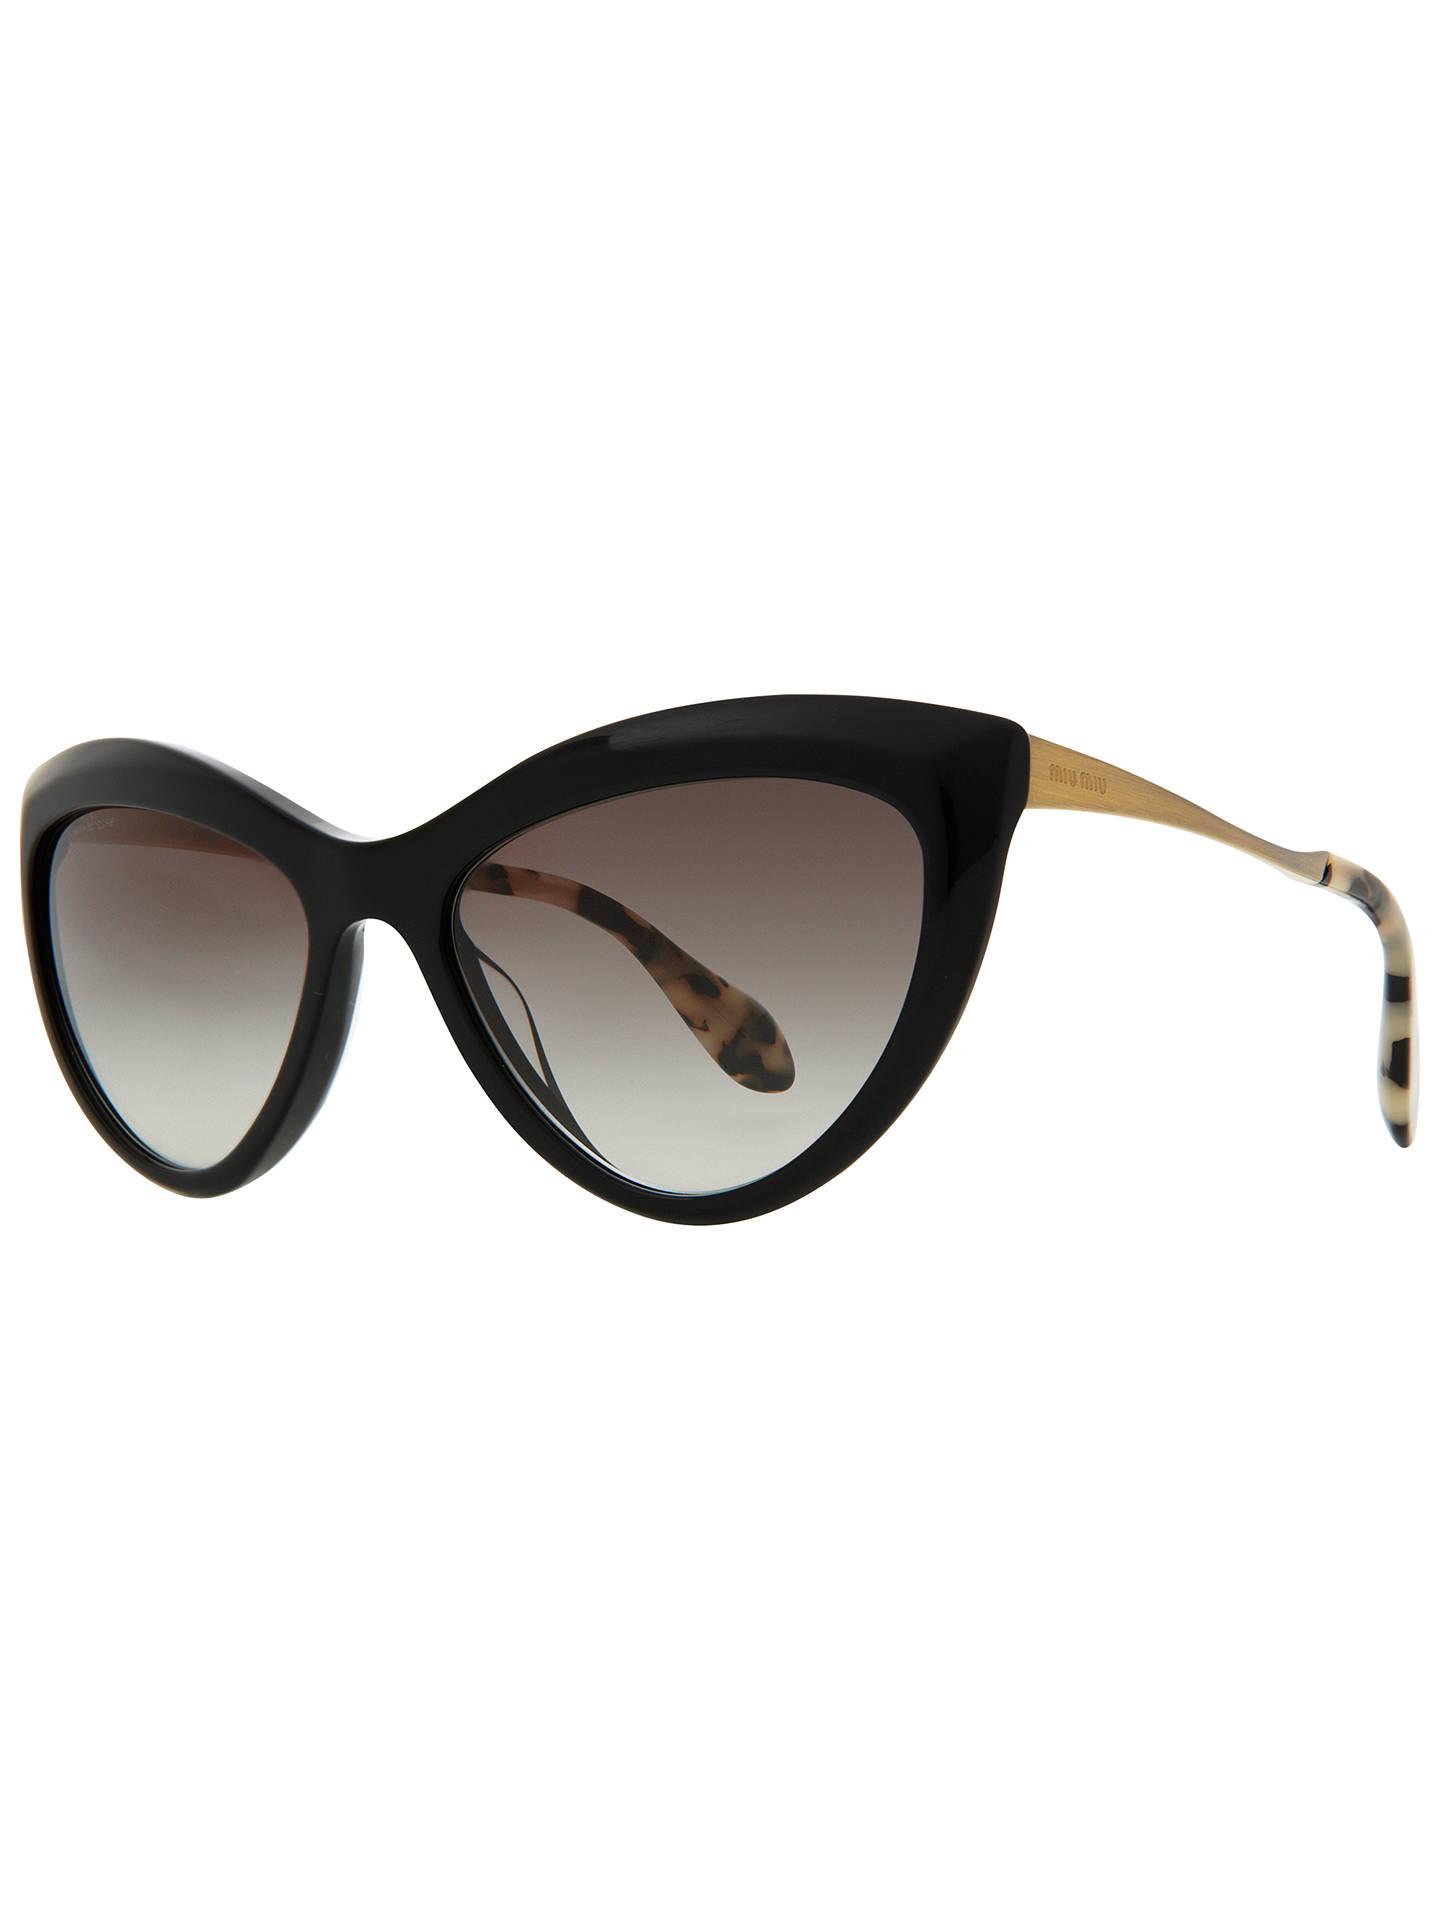 a1525318fd56 Miu Miu MU08OS Retro Style Cat s Eye Sunglasses at John Lewis   Partners